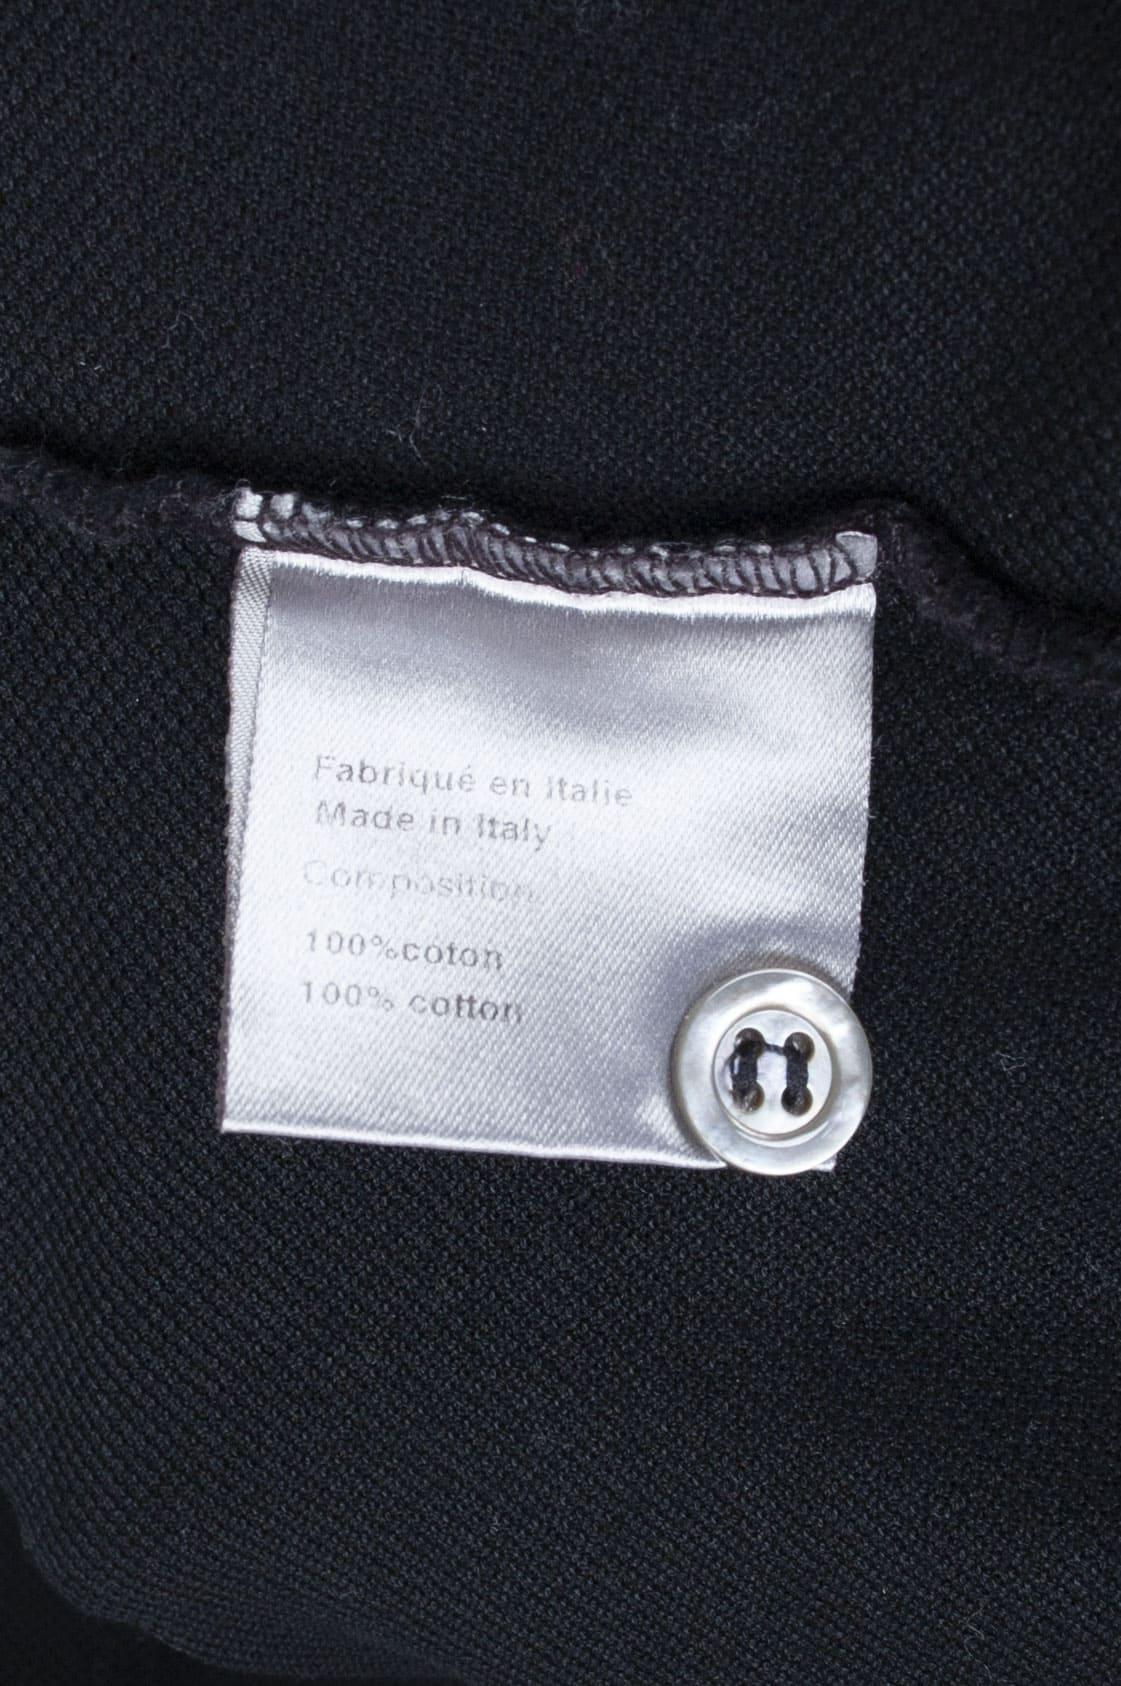 Dior-Homme-Bee-ilgarankoviai-polo-marskineliai-dydis-s-m (5)